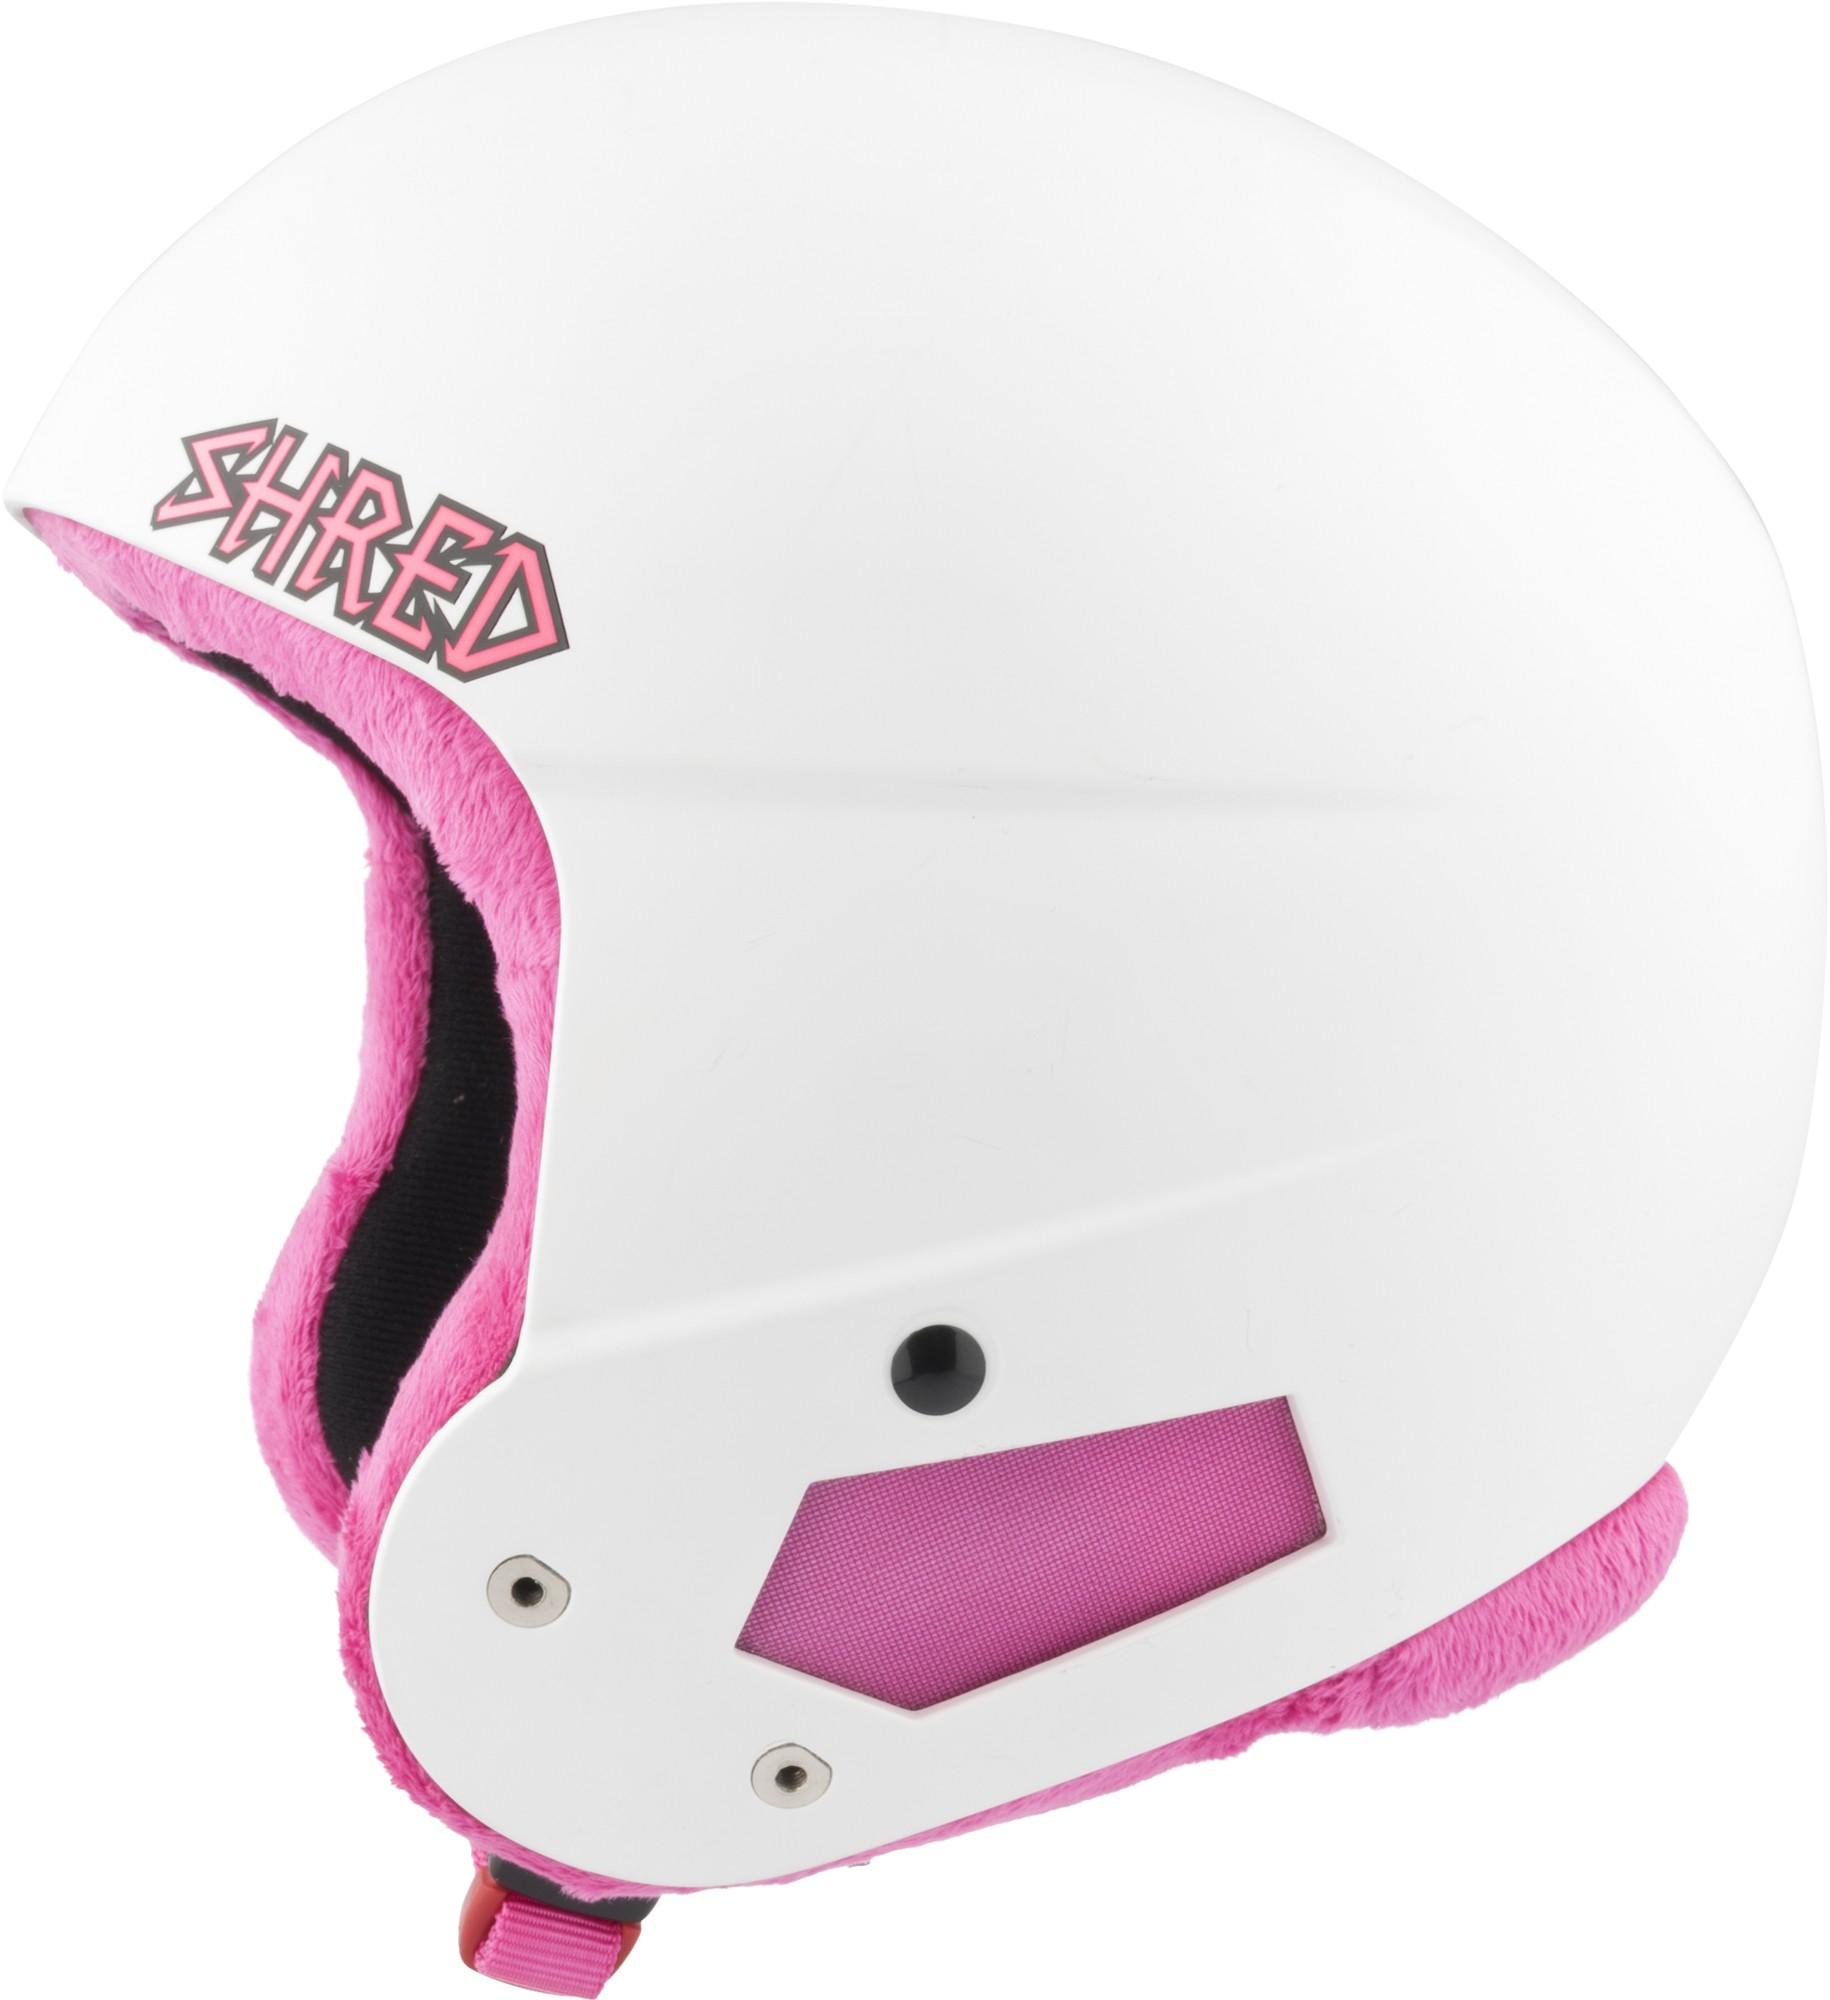 Shred Brain Bucket Mini WHITE PINK ski helmet, 2017